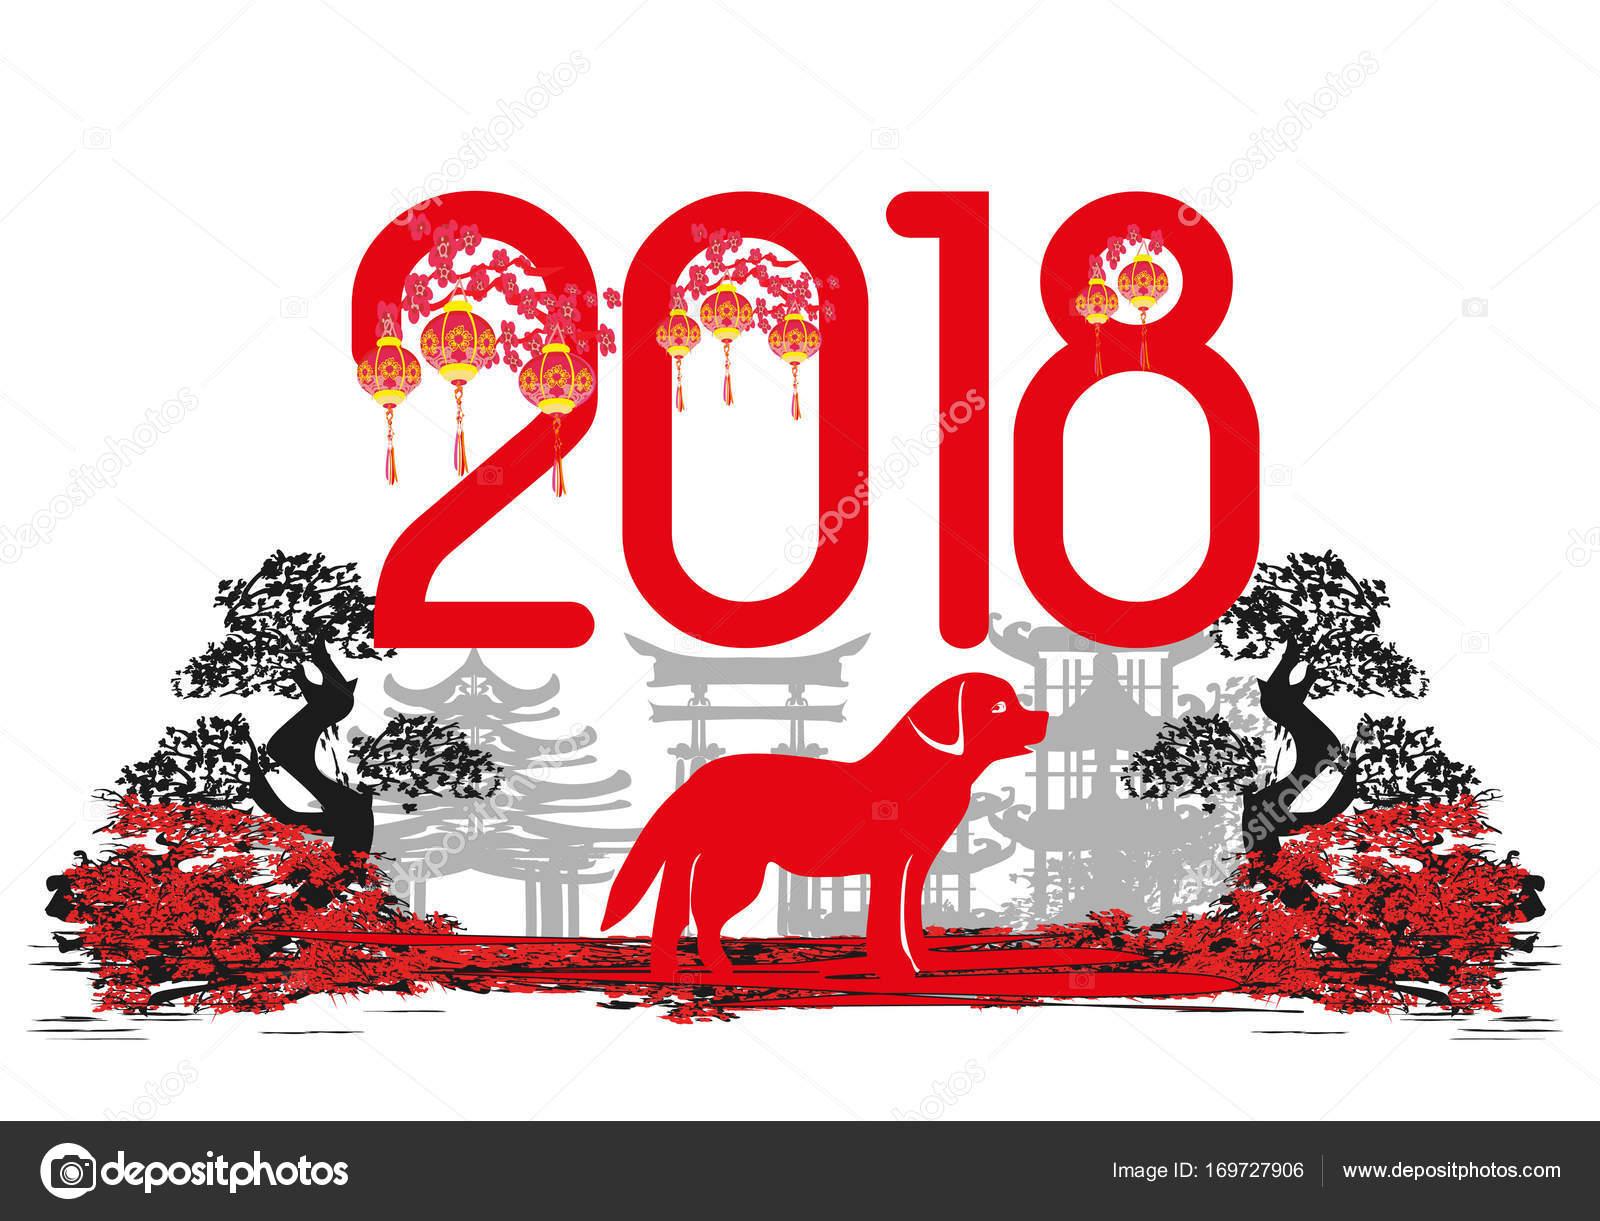 Horóscopo chino el año del perro — Archivo Imágenes Vectoriales